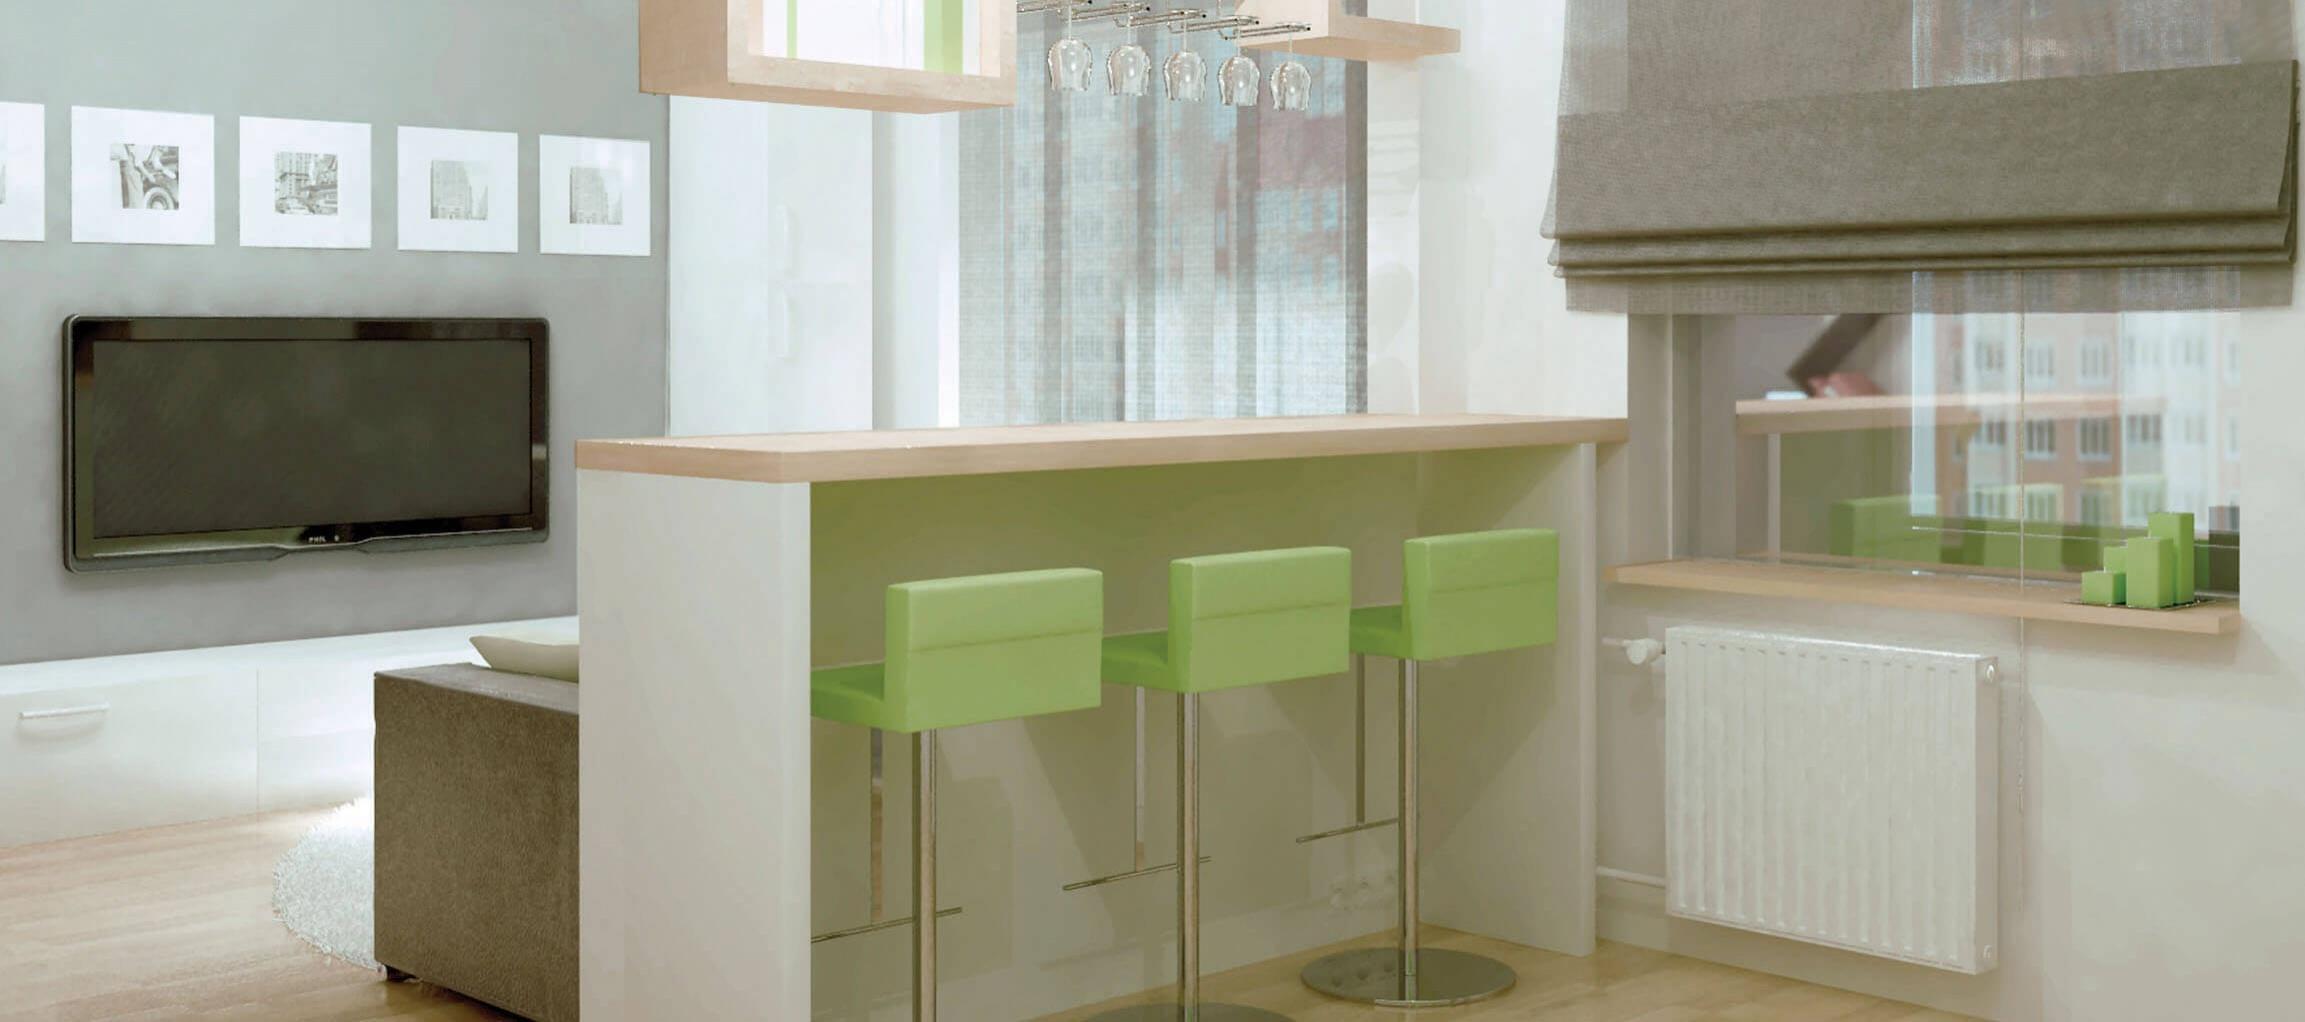 Фото кухни-студии с барной стойкой - 2